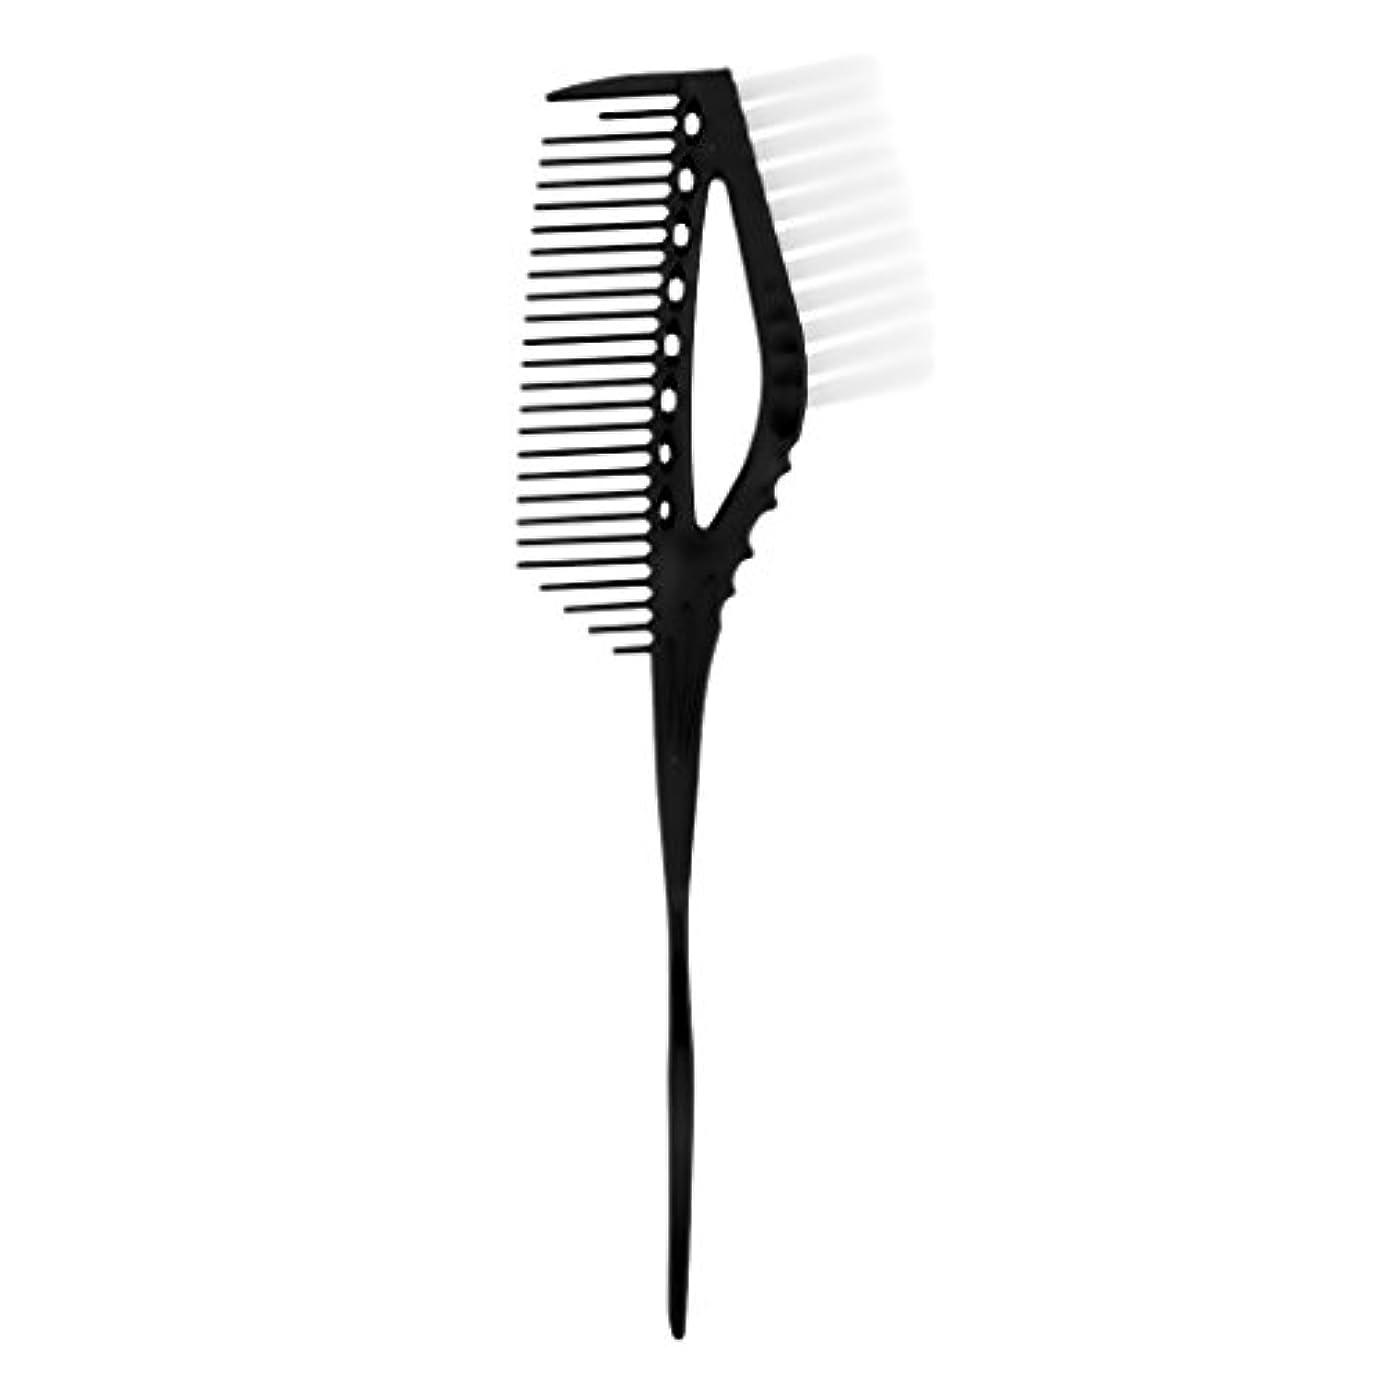 Fenteer ハイライト櫛 ヘアブラシ ヘアカラー ヘアスタイル 色合い 染めブラシ サロン 美容院 ミキシングブラシ 3色選べる - ブラック